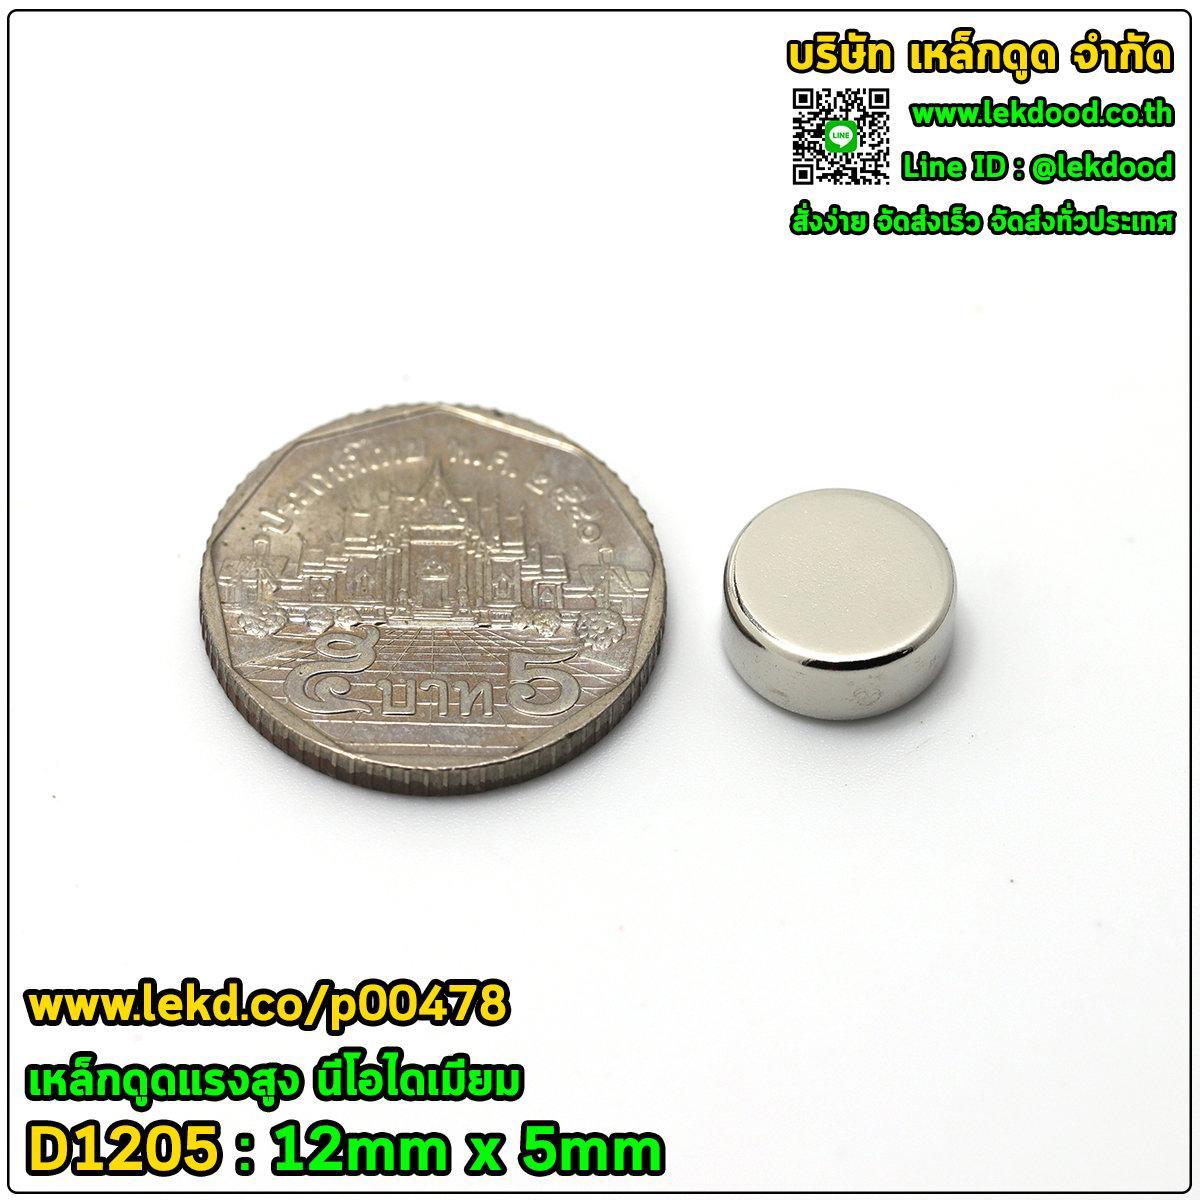 > แรงดูดสูงสุด 3,432 กรัมแรง < แม่เหล็กแรงสูง ขนาด 12mm x 5mm รหัส 00478-D1205